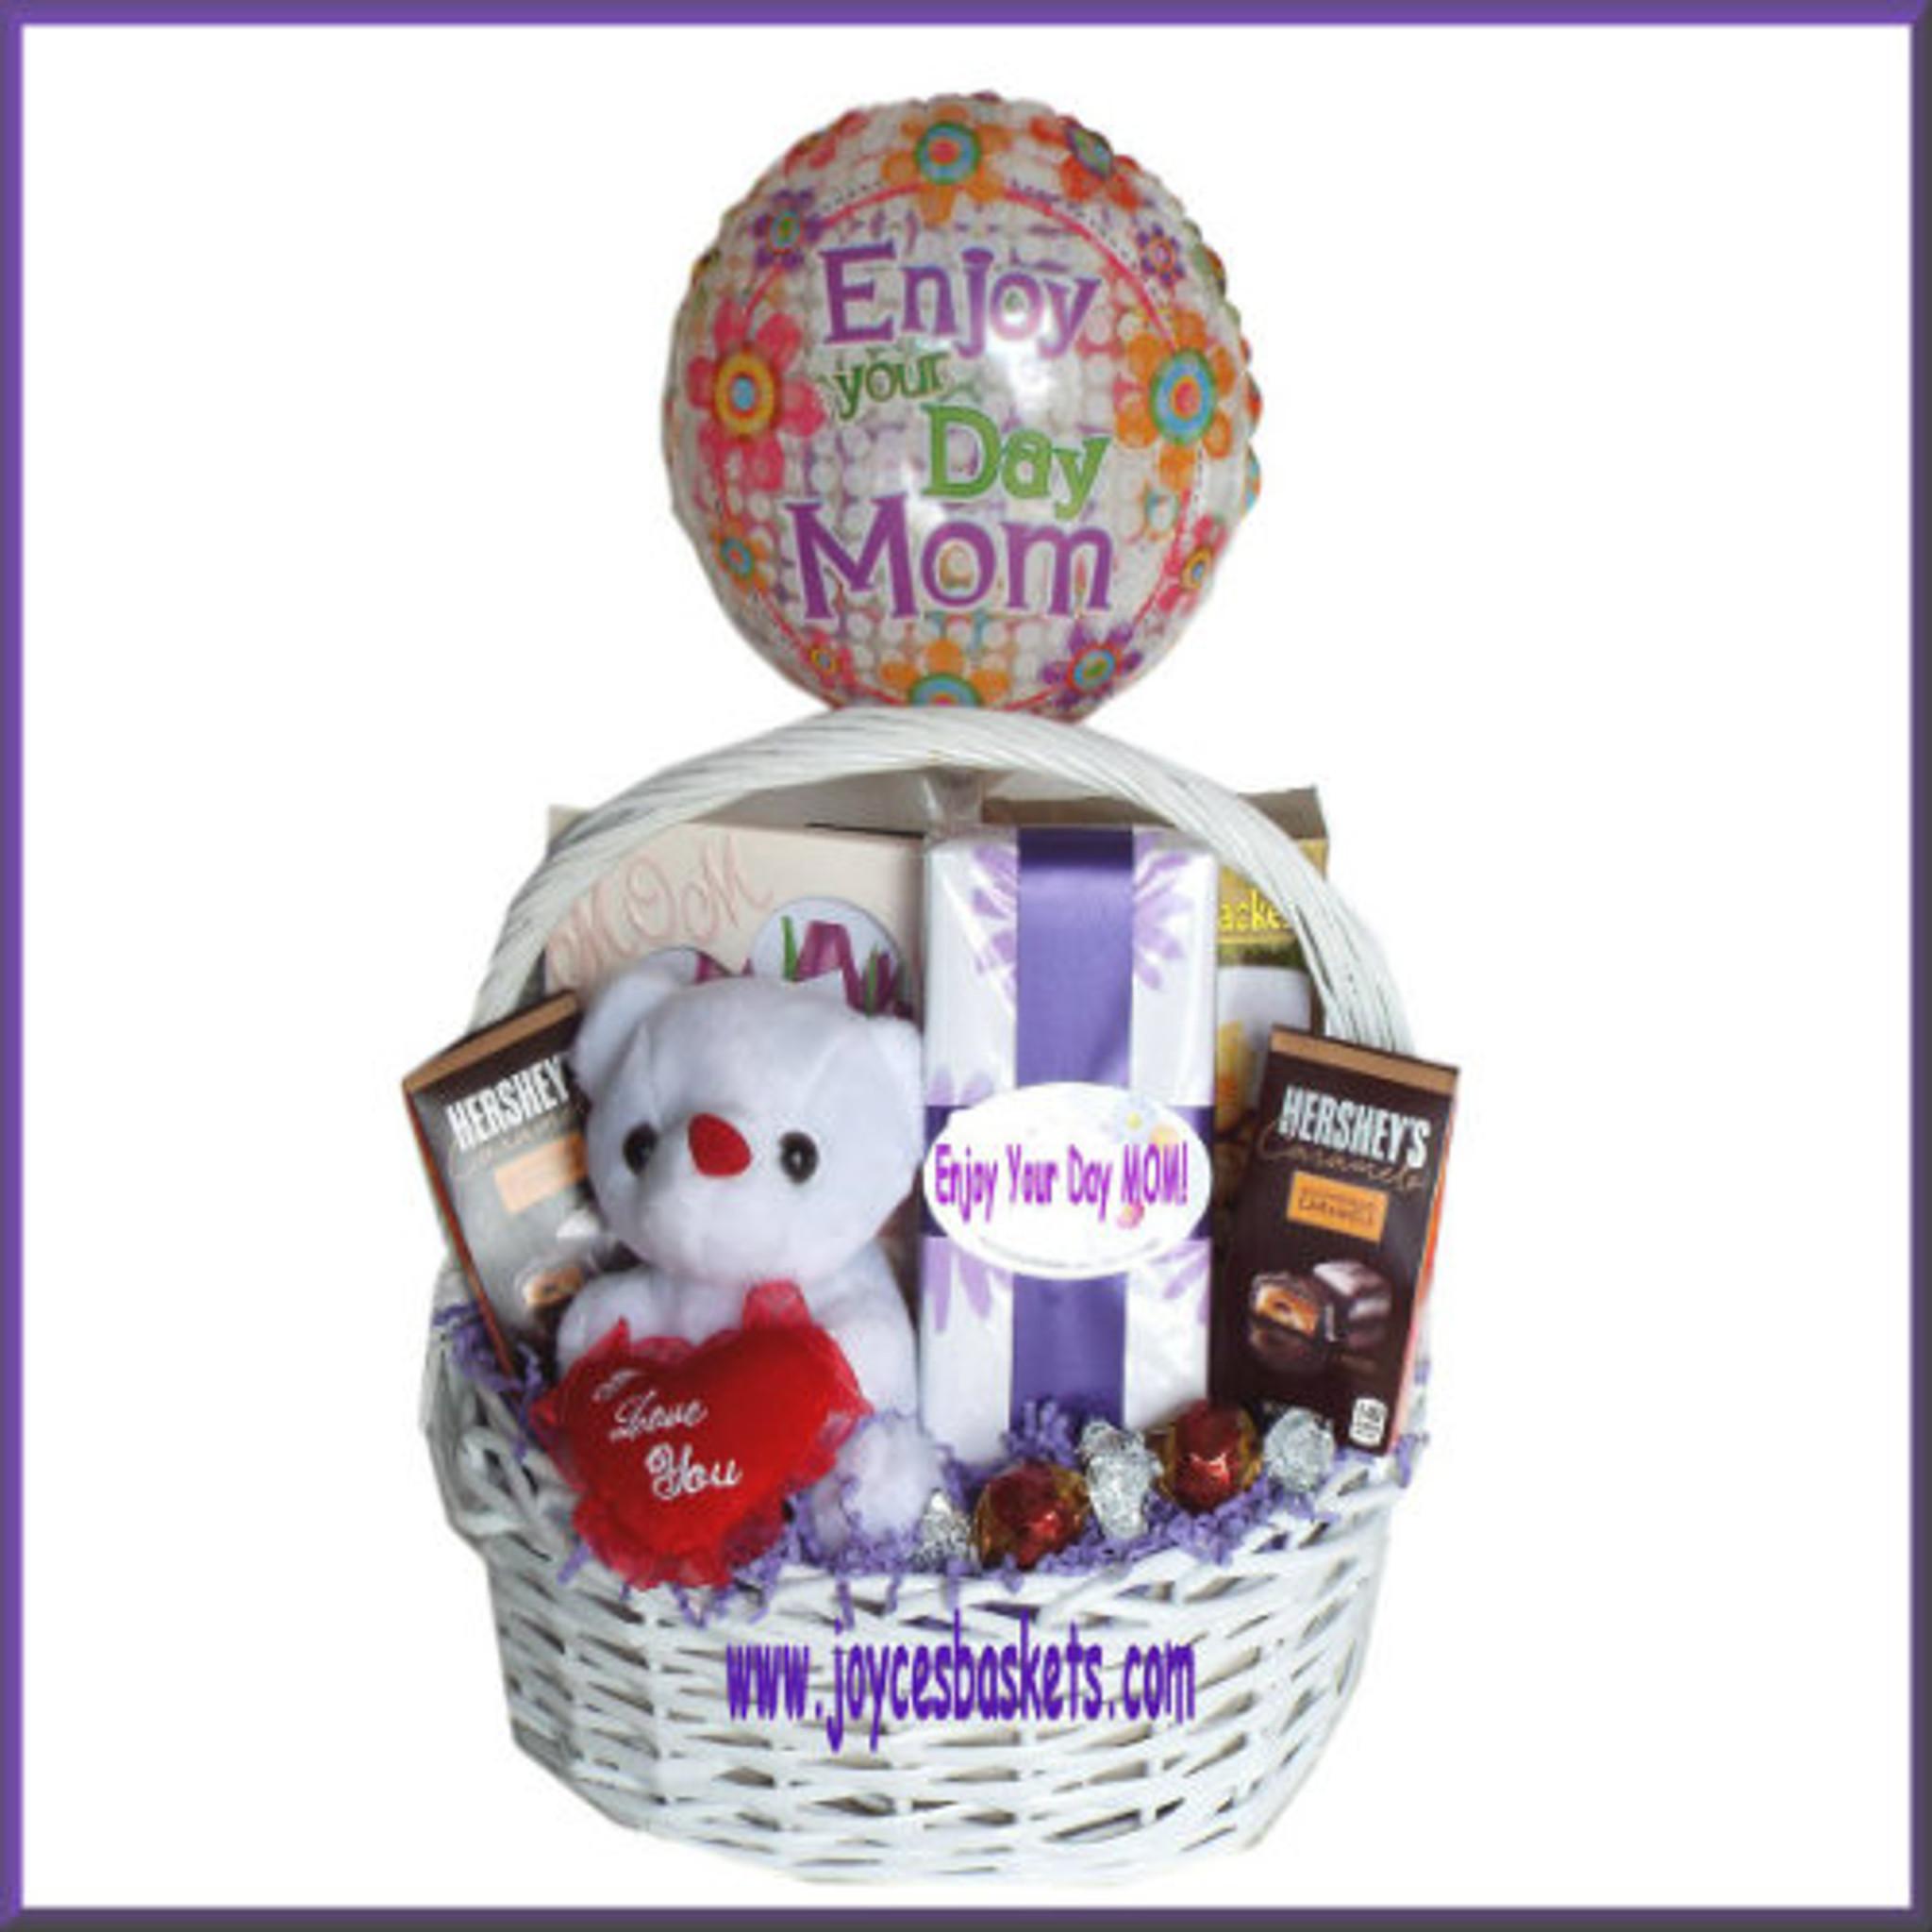 Enjoy Your Day - Momu0027s Birthday Gift Basket & Momu0027s Birthday Gift Basket | Birthday Gifts for Mom | Mom Birthday